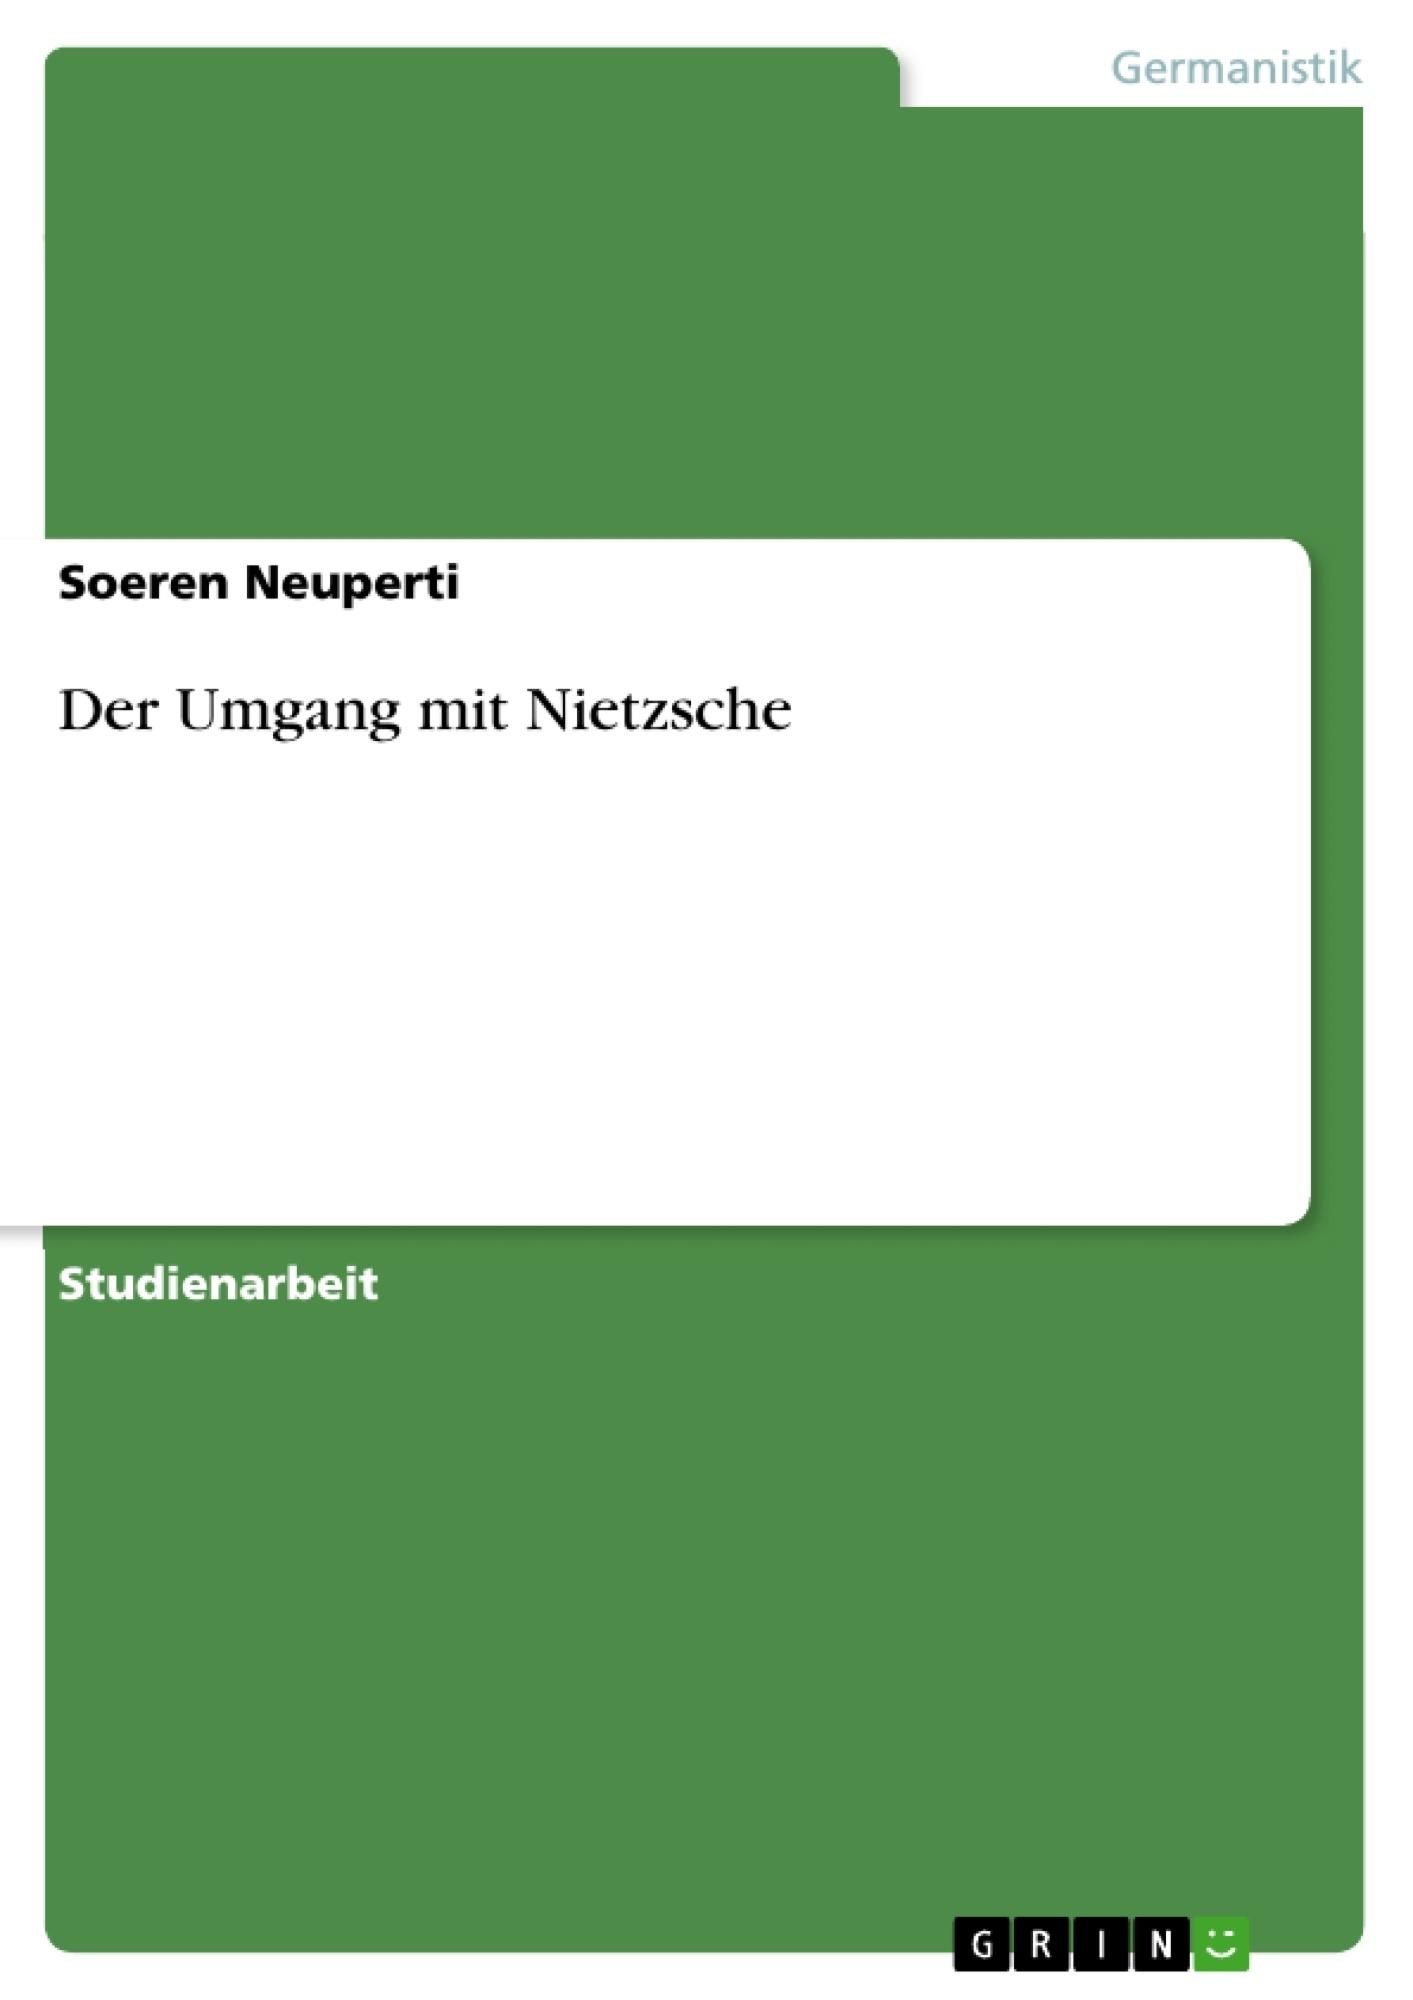 Titel: Der Umgang mit Nietzsche